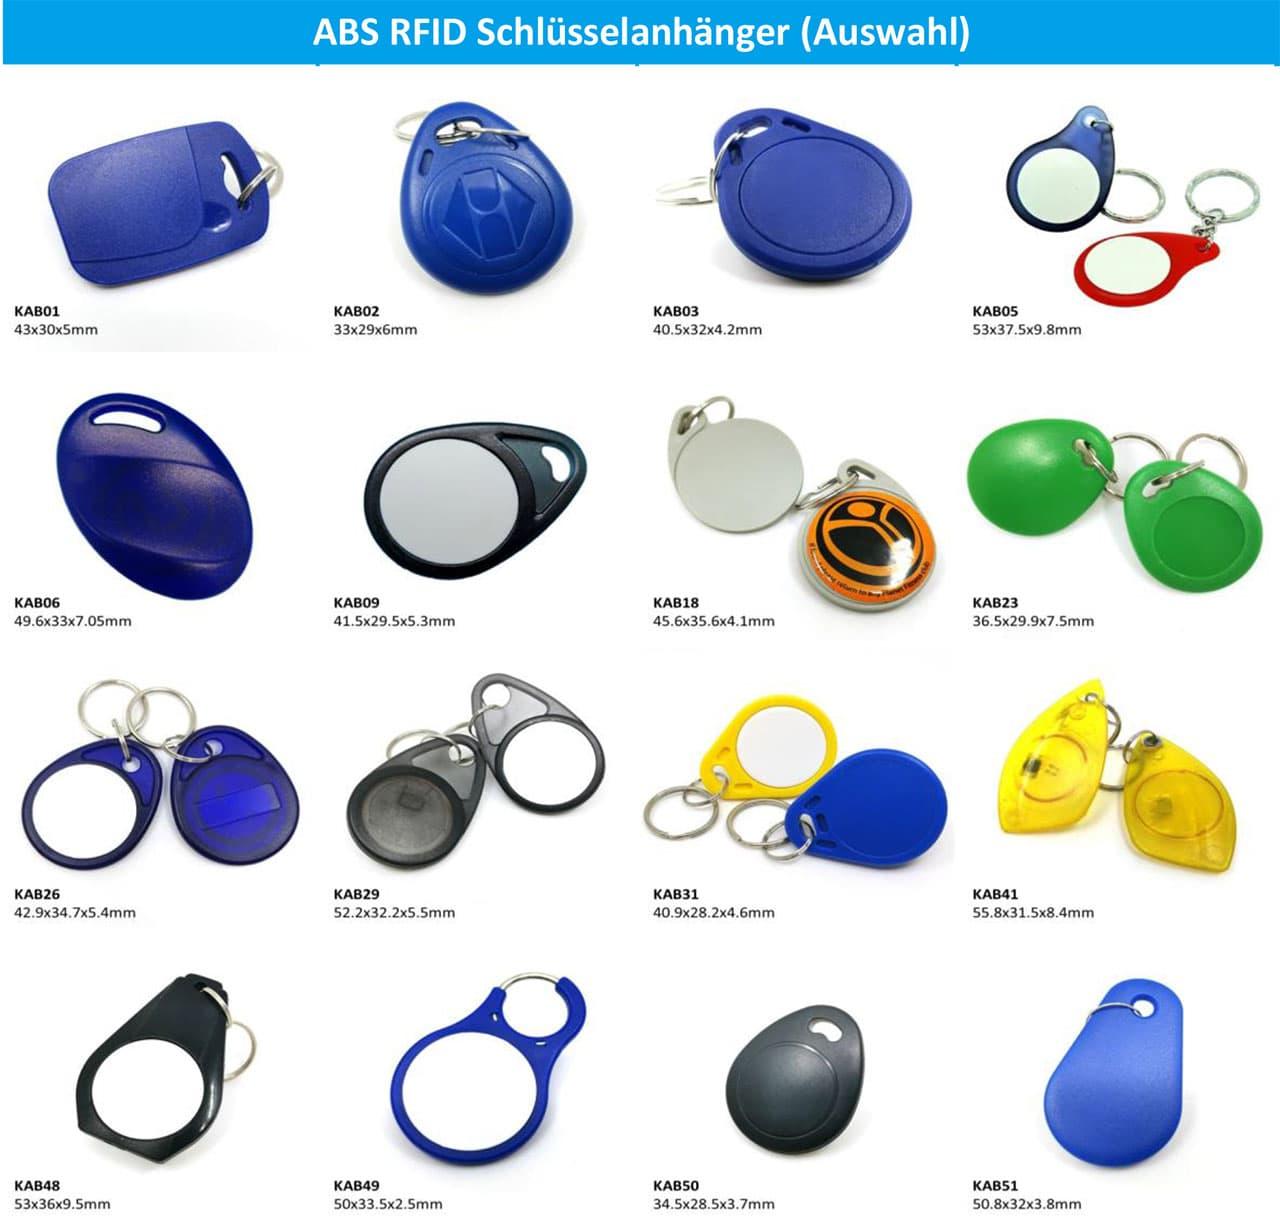 ABS RFID Schlüsselanhänger (Auswahl)